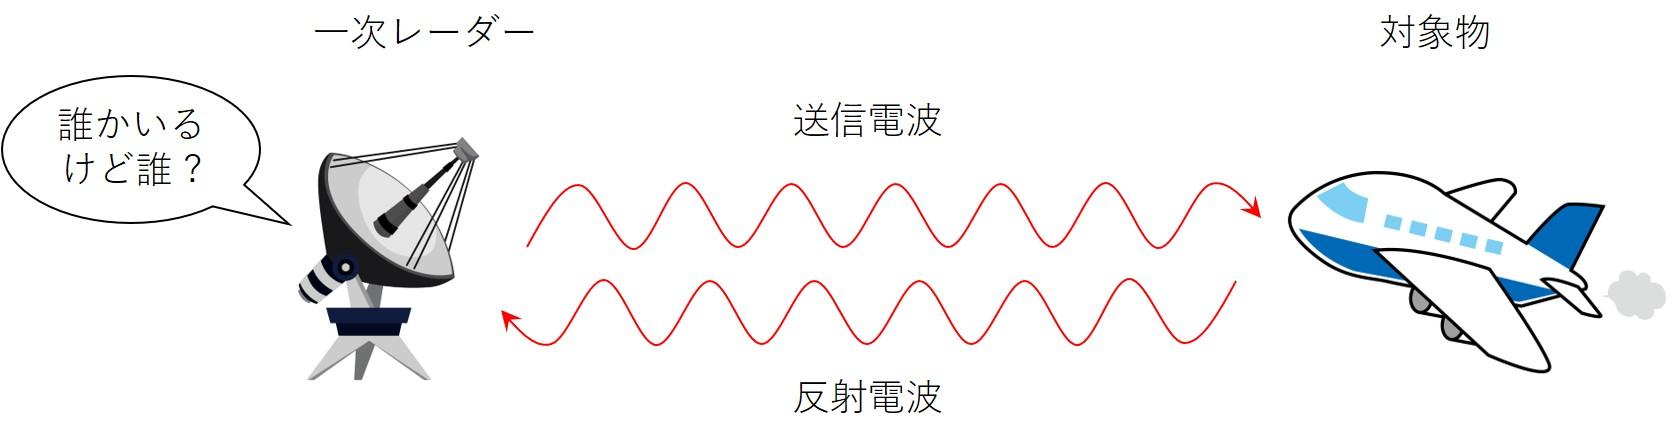 一次レーダーのイメージ